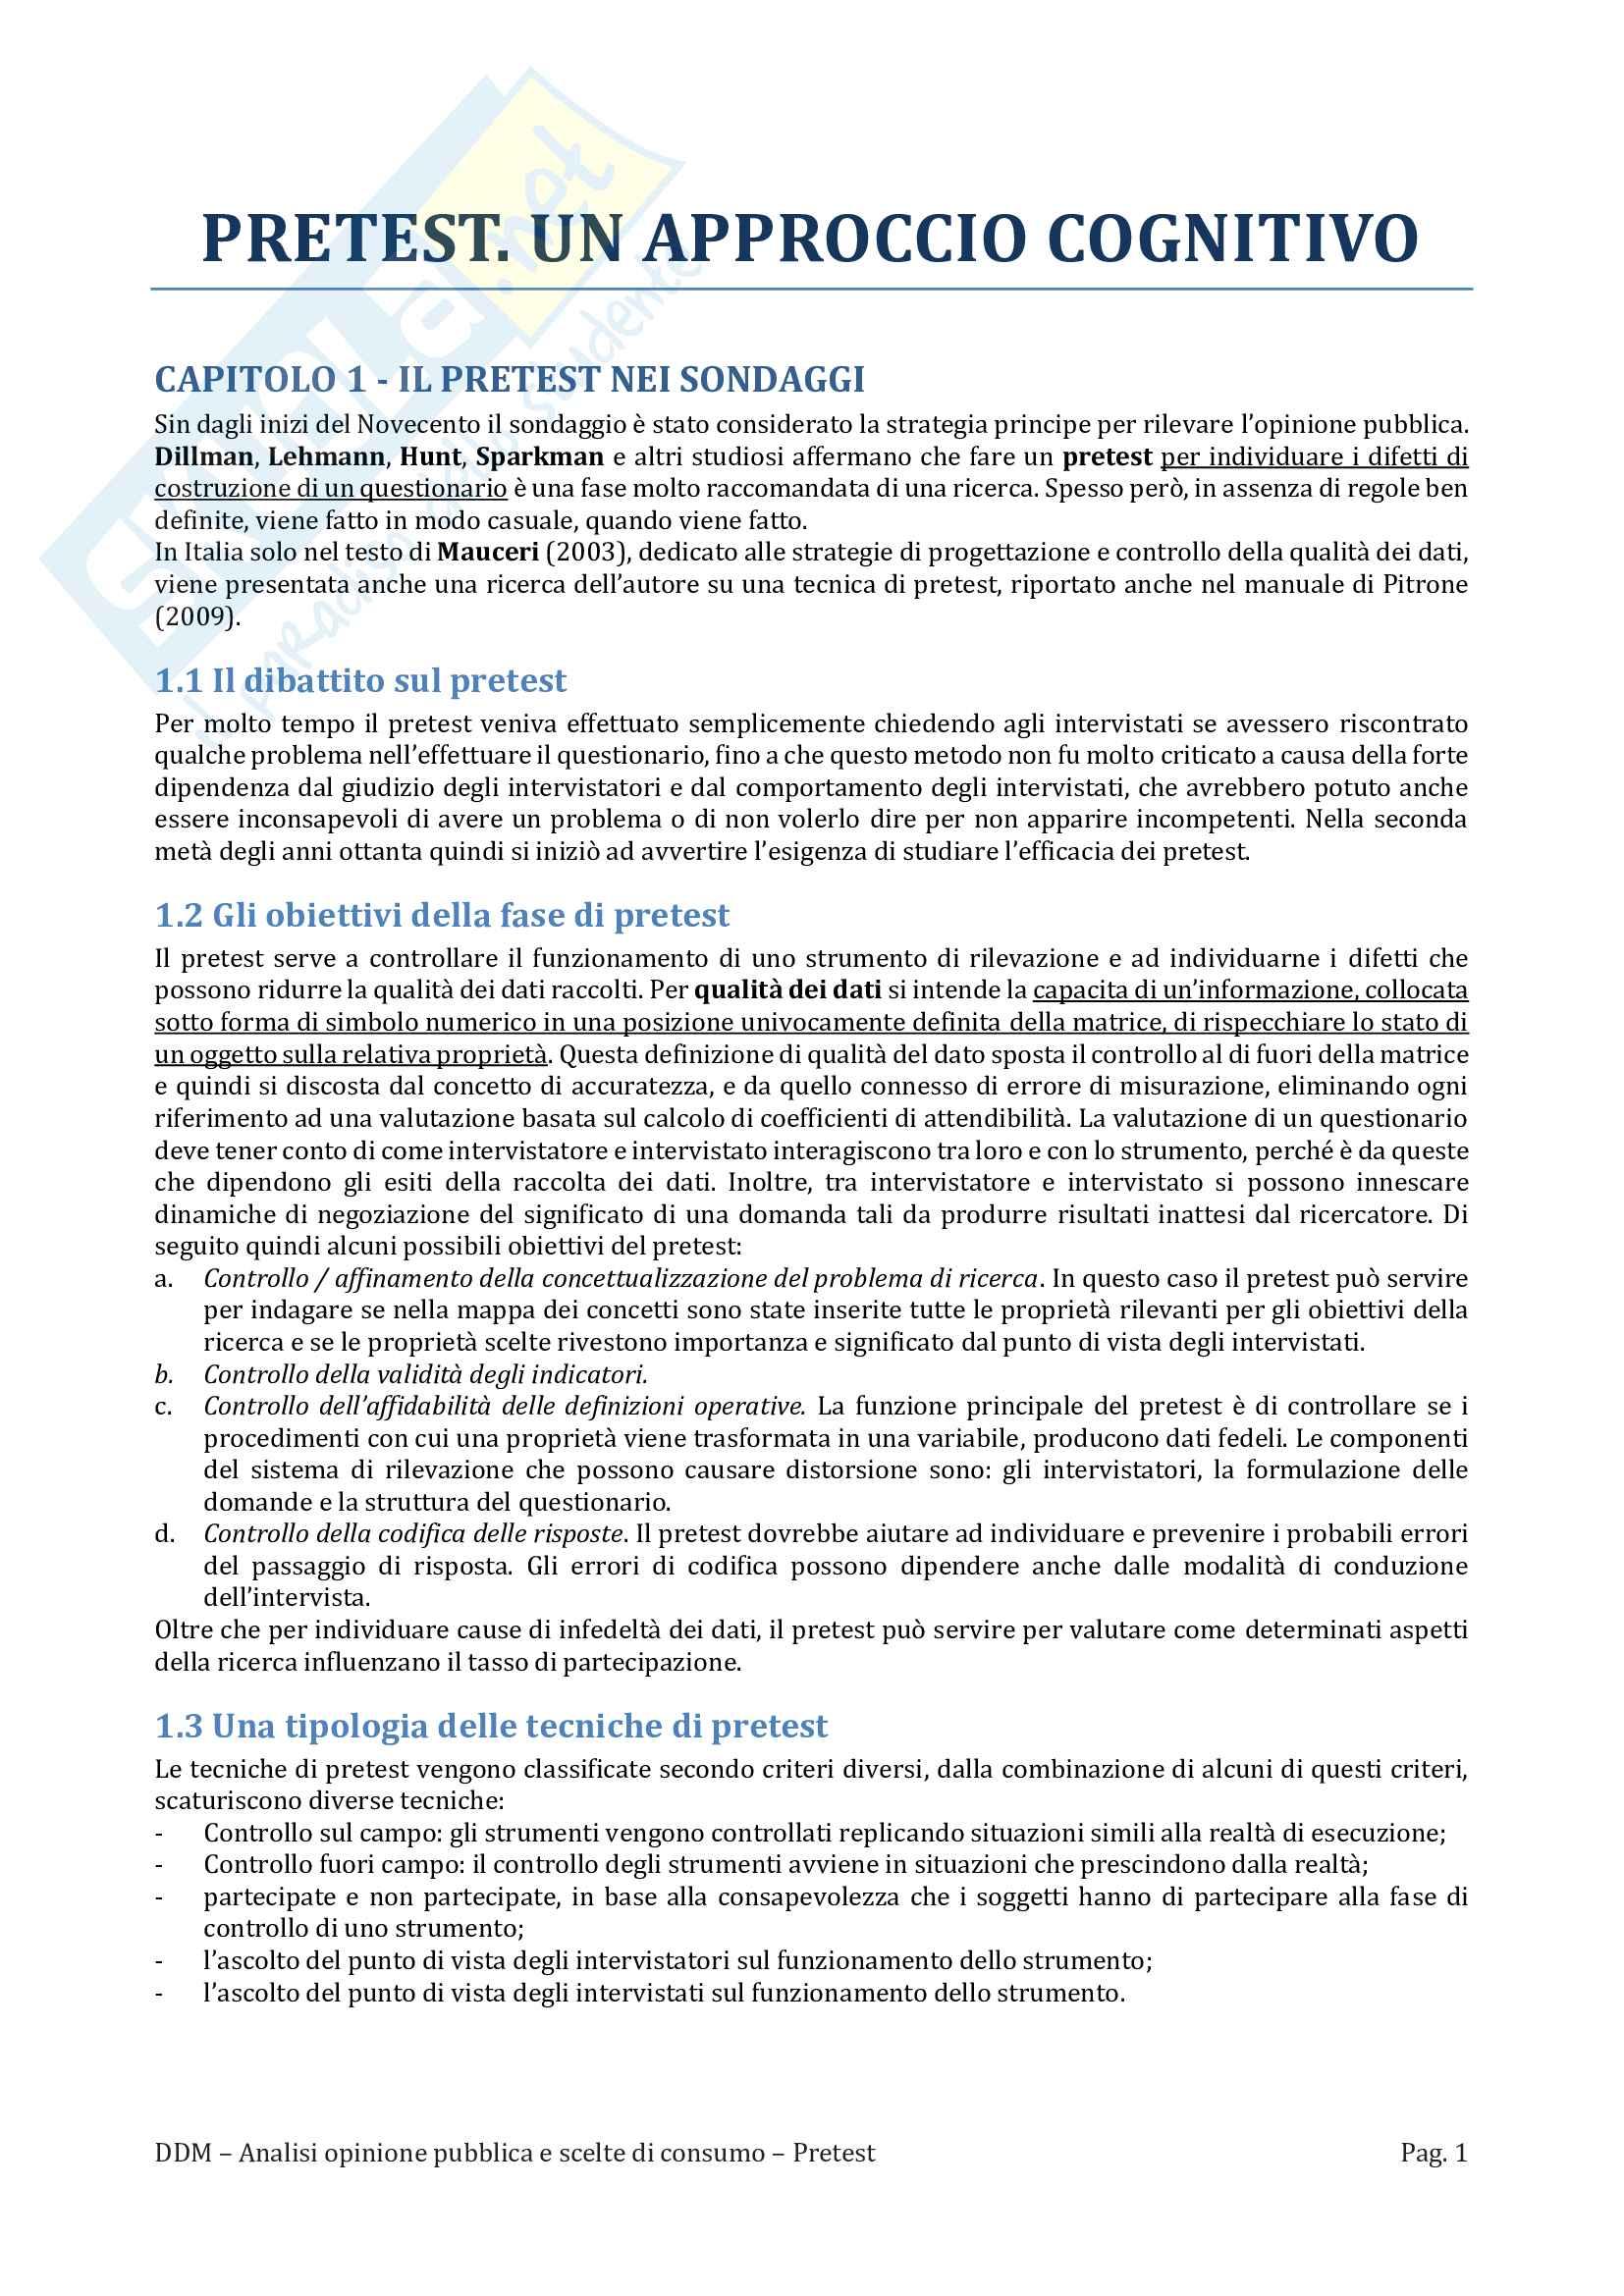 Riassunto Esame Analisi opinione pubblica e scelte di consumo, Prof Martire, libro consigliato Pretest